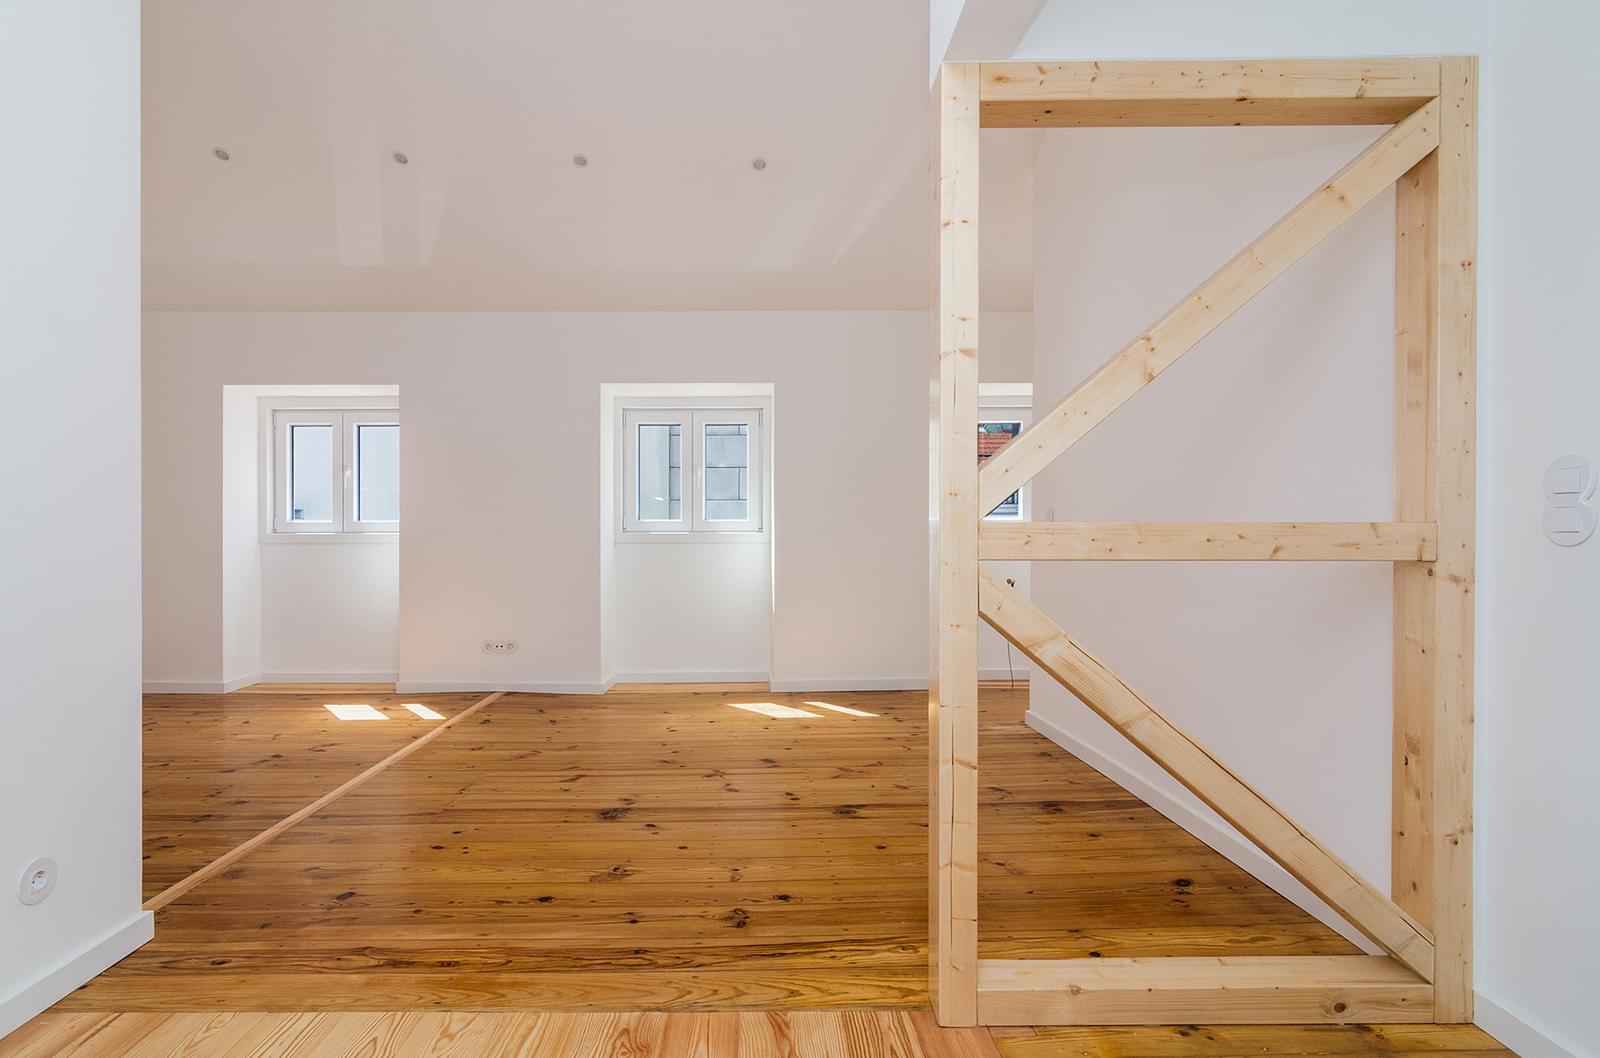 pf16908-apartamento-t2-lisboa-12390d95-0eea-423d-98d1-745a5bc431cc